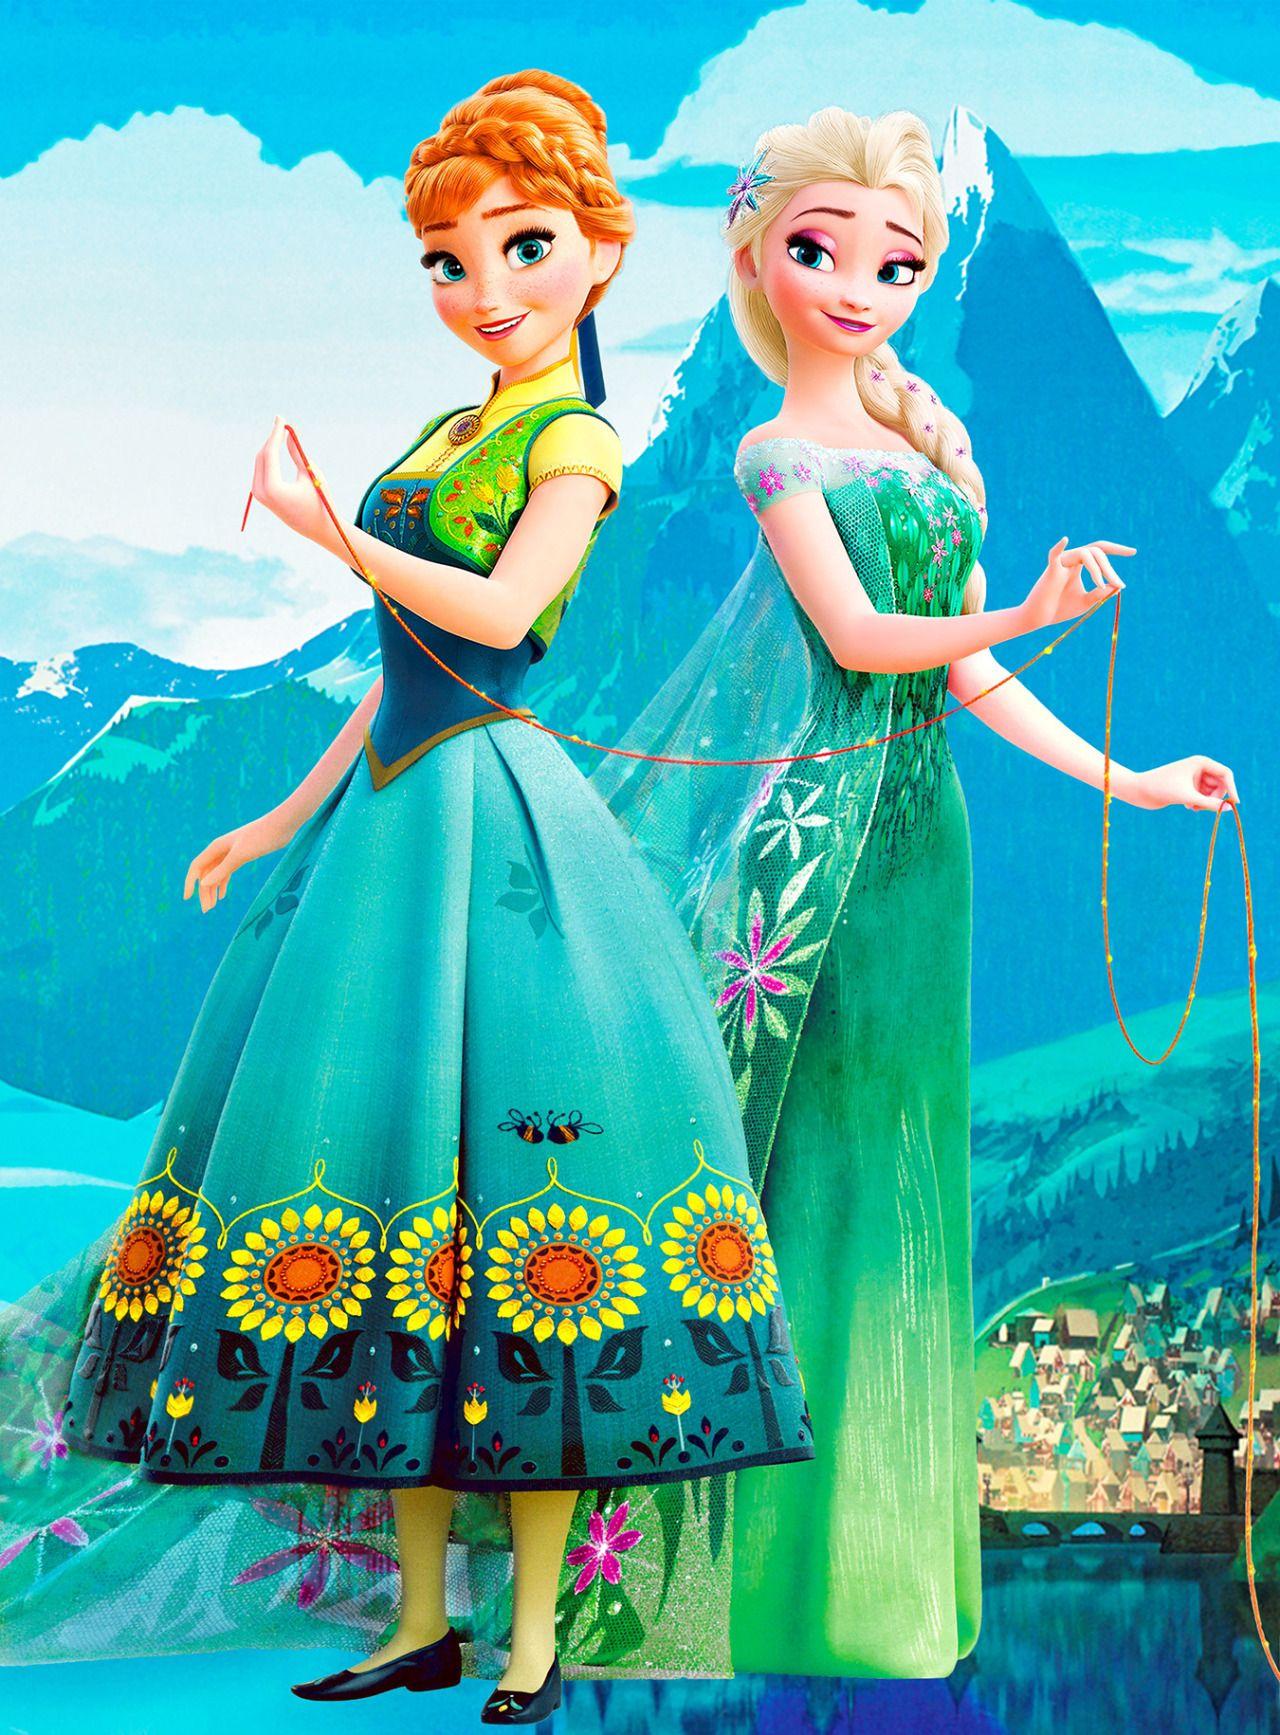 La Reine Des Neiges – Une Fête Givrée : reine, neiges, fête, givrée, Idées, Reine, Neiges, Disney, Disney,, Neiges,